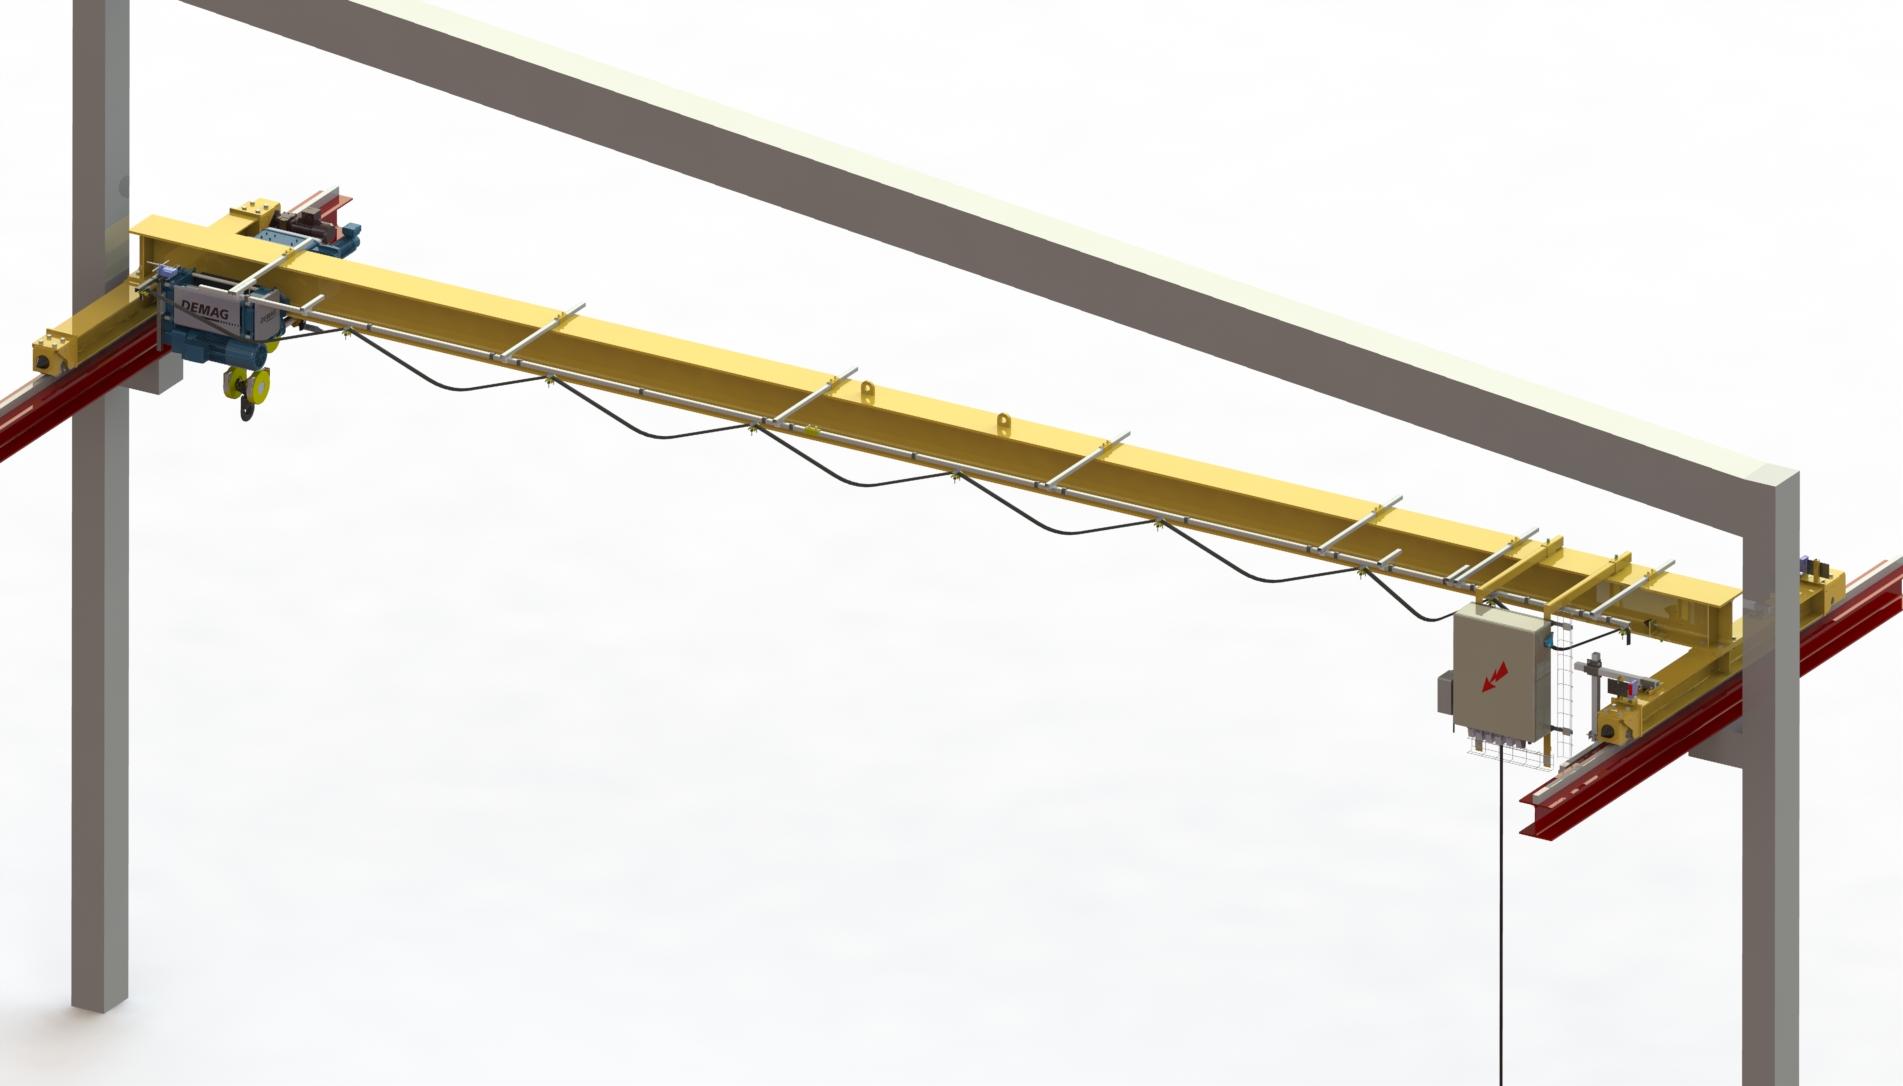 pont-mono-poutre-simple-pose-3d-81